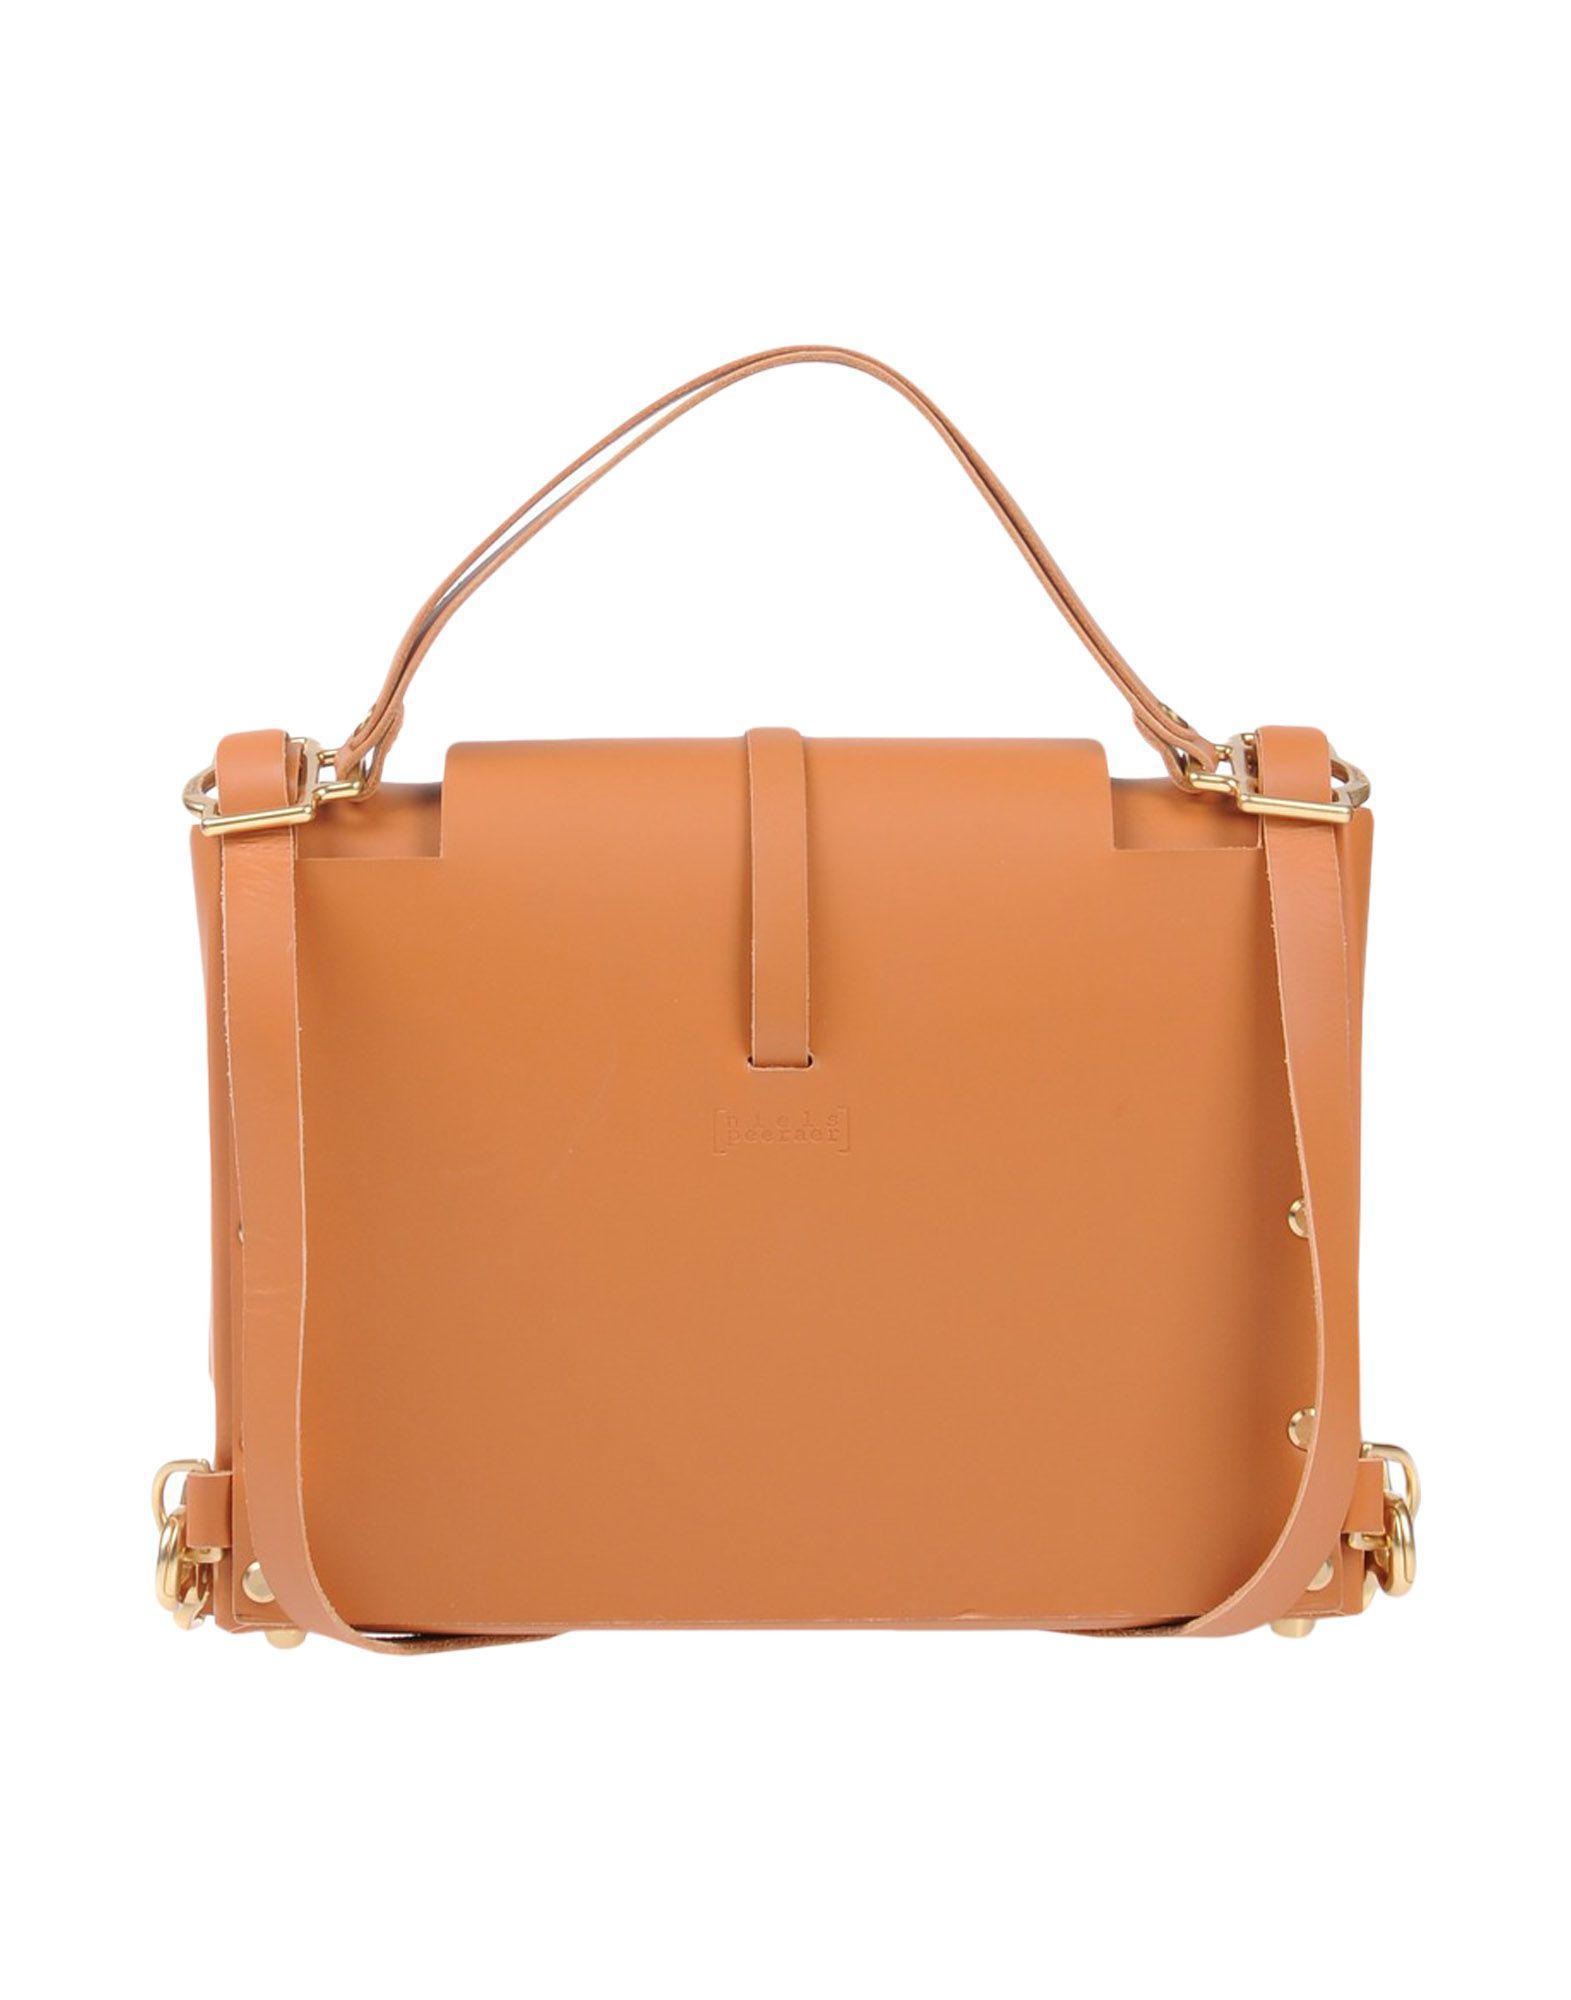 Niels Peeraer Leather Backpacks & Fanny Packs in Tan (Brown)